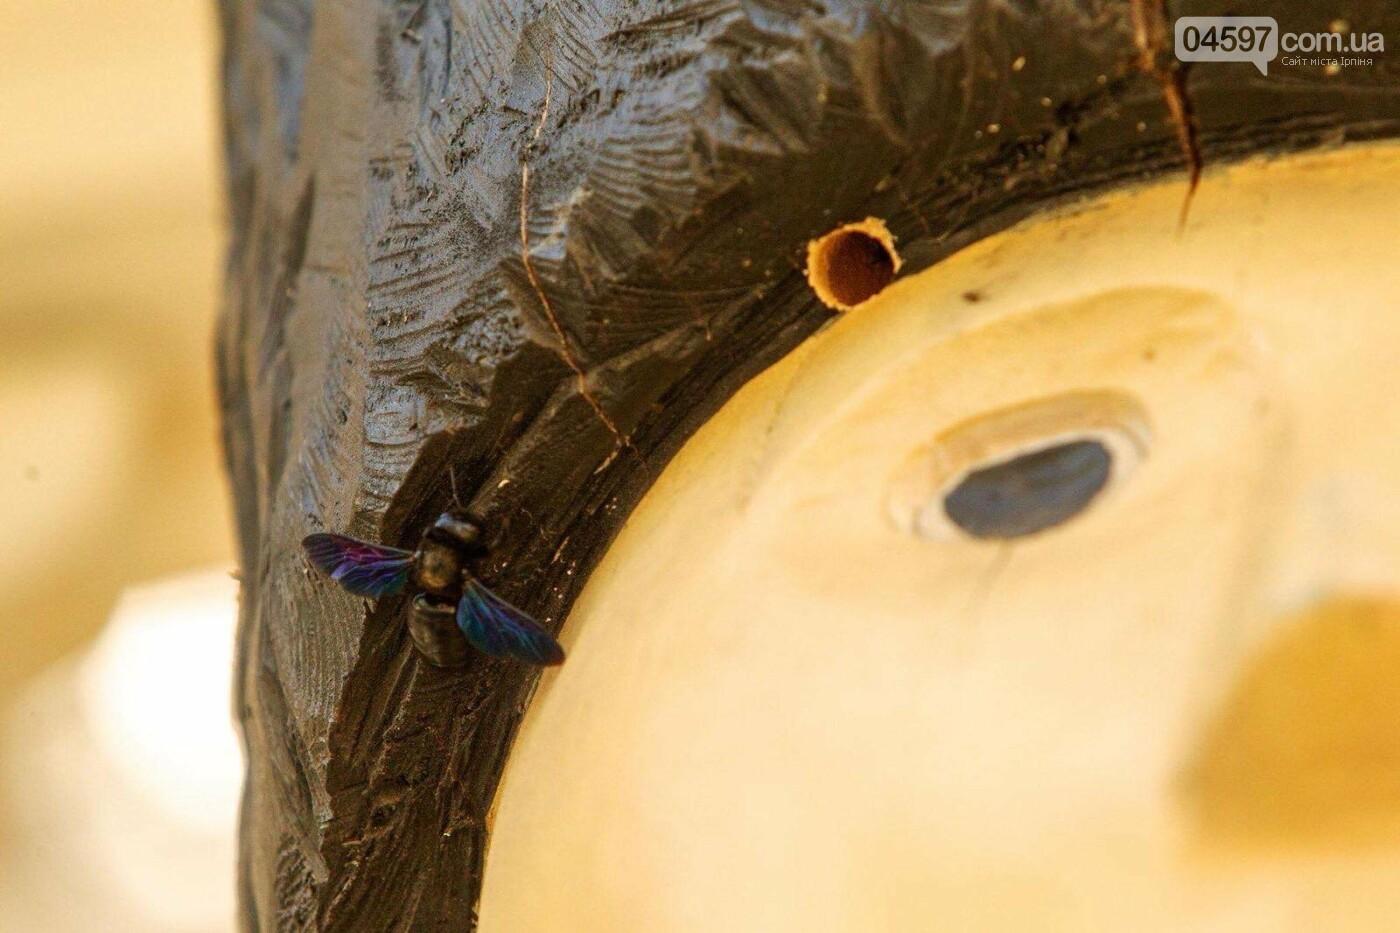 В Ірпені поселилися червонокнижні бджоли-теслі, фото-1